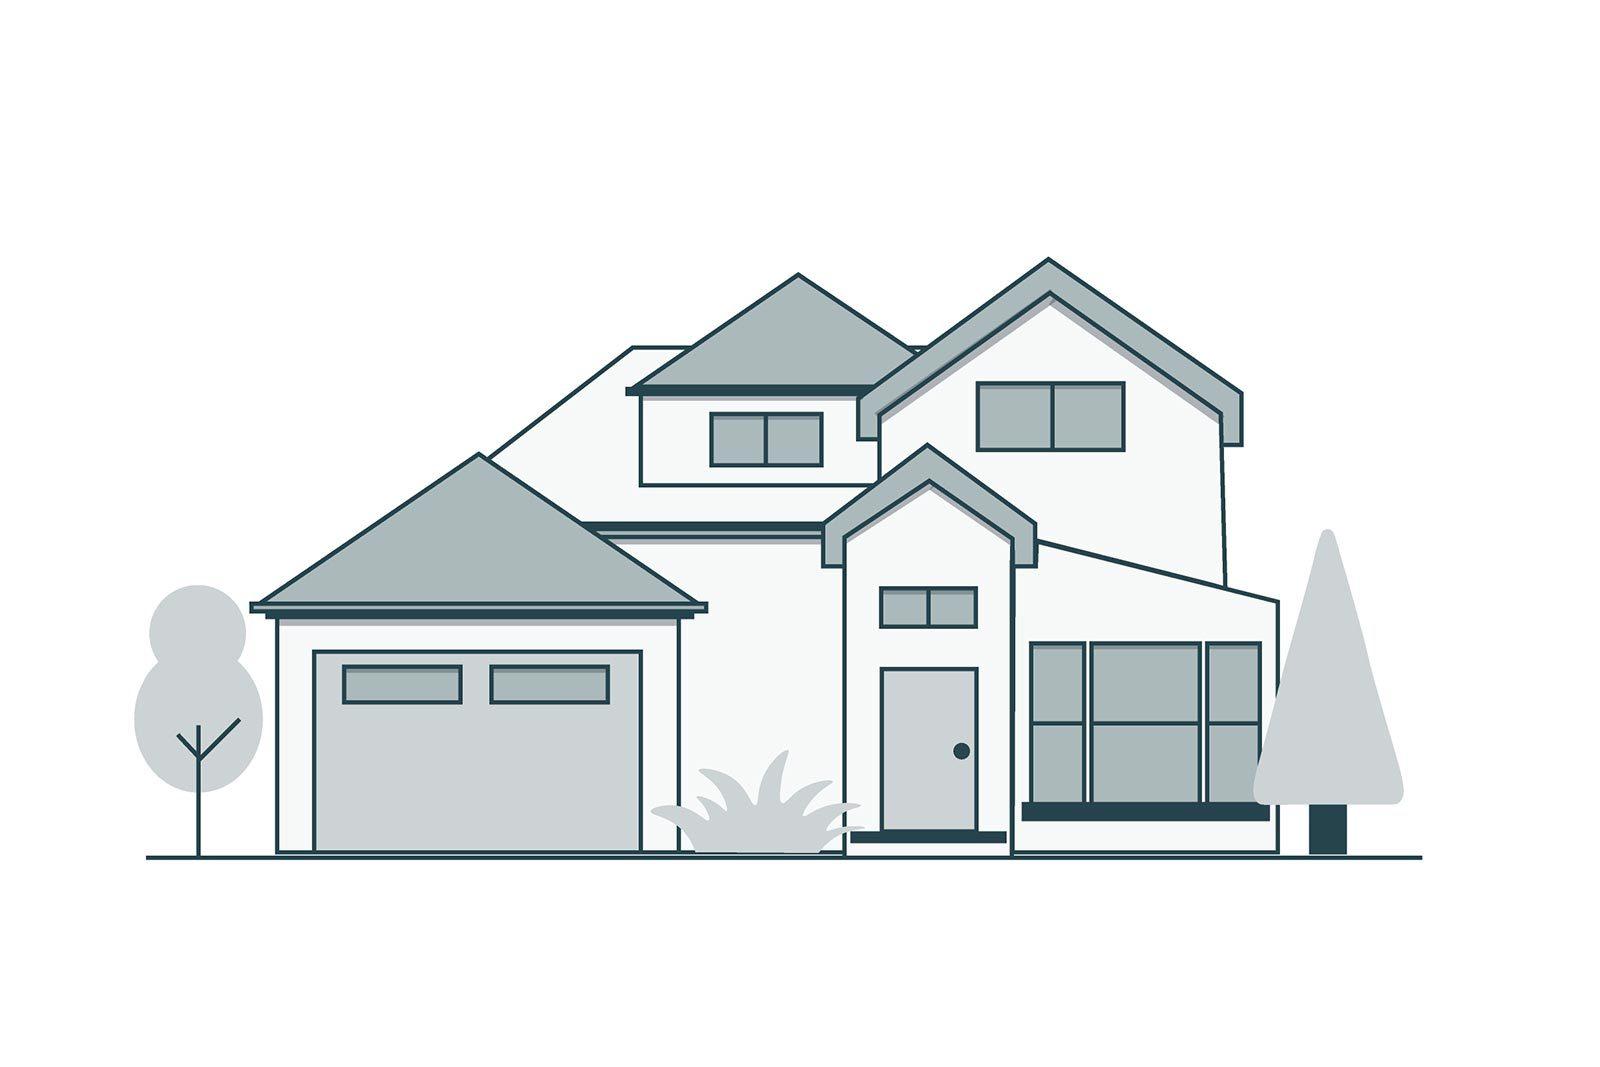 7241 Winding Way Fair Oaks, CA 95628